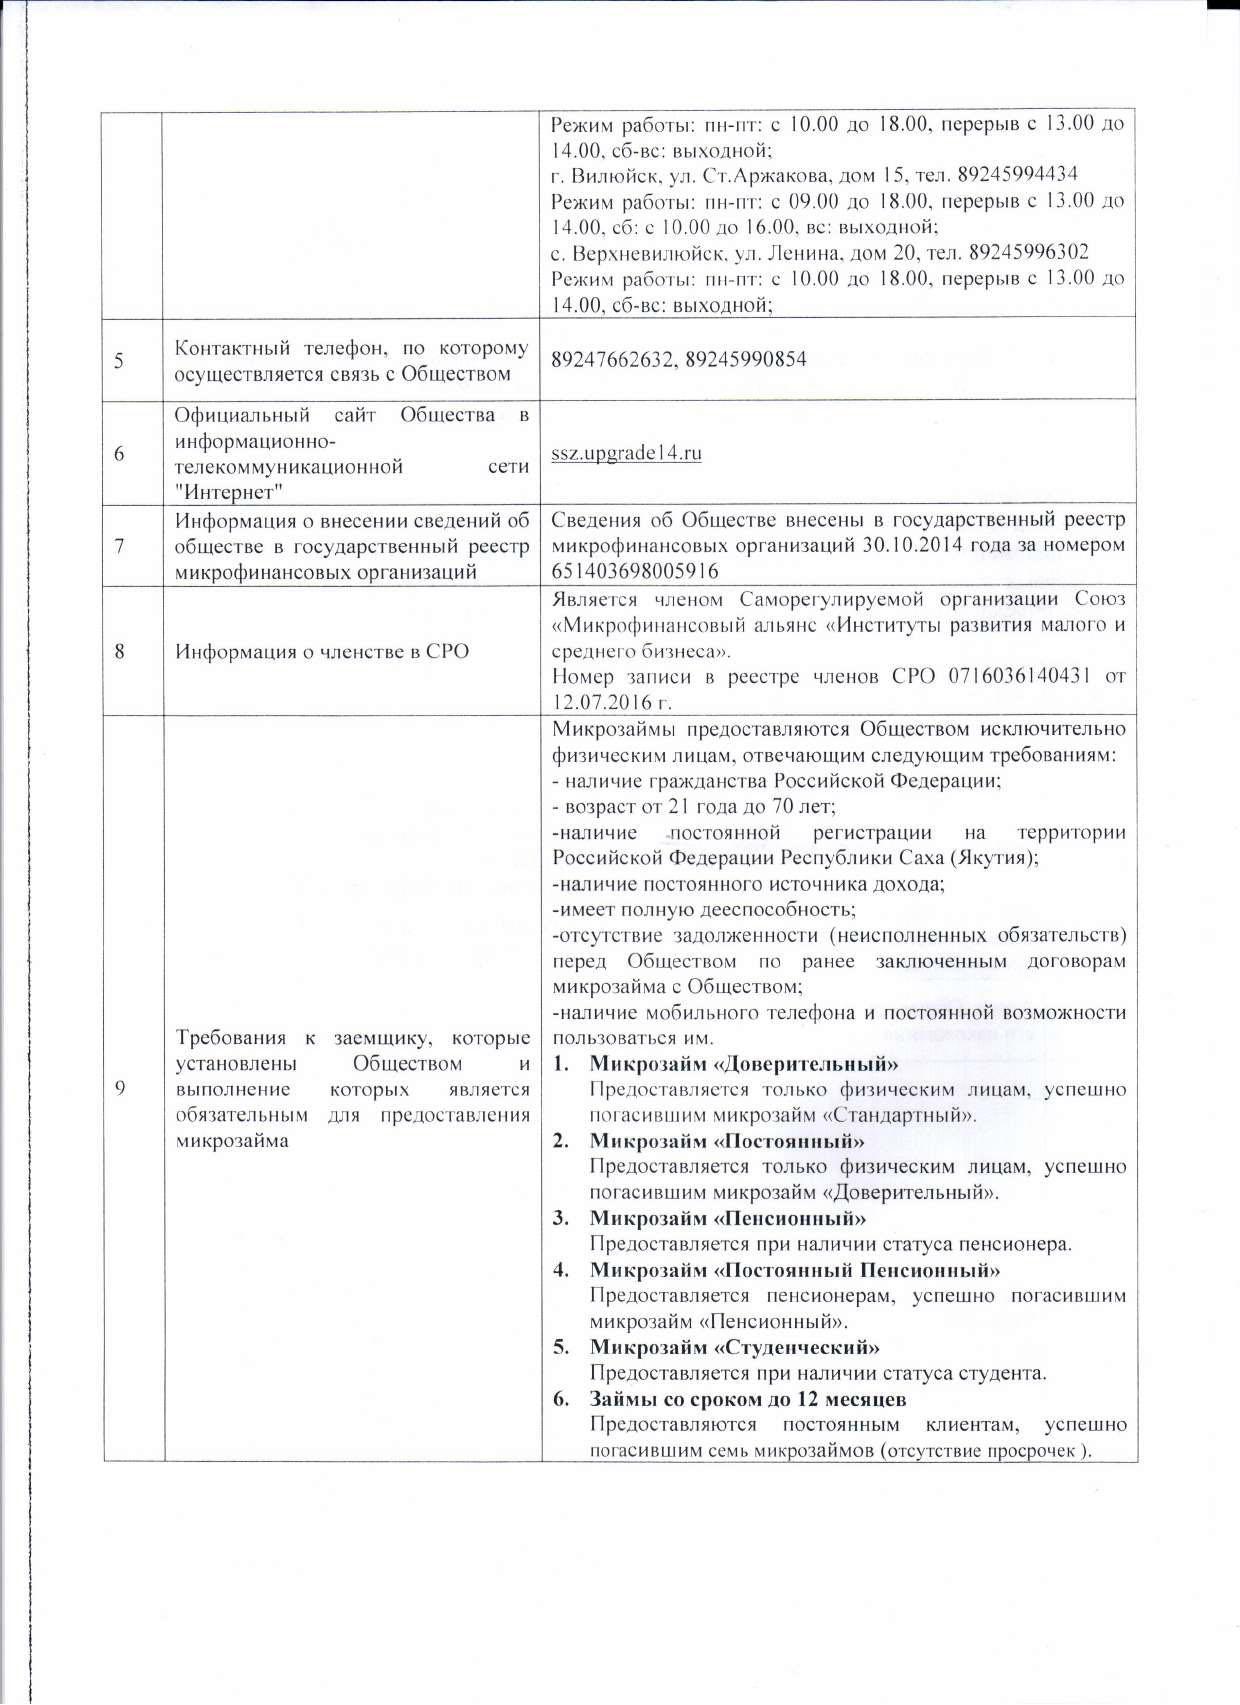 Информация об условиях предоставления, использования и возврата микрозаймов стр2